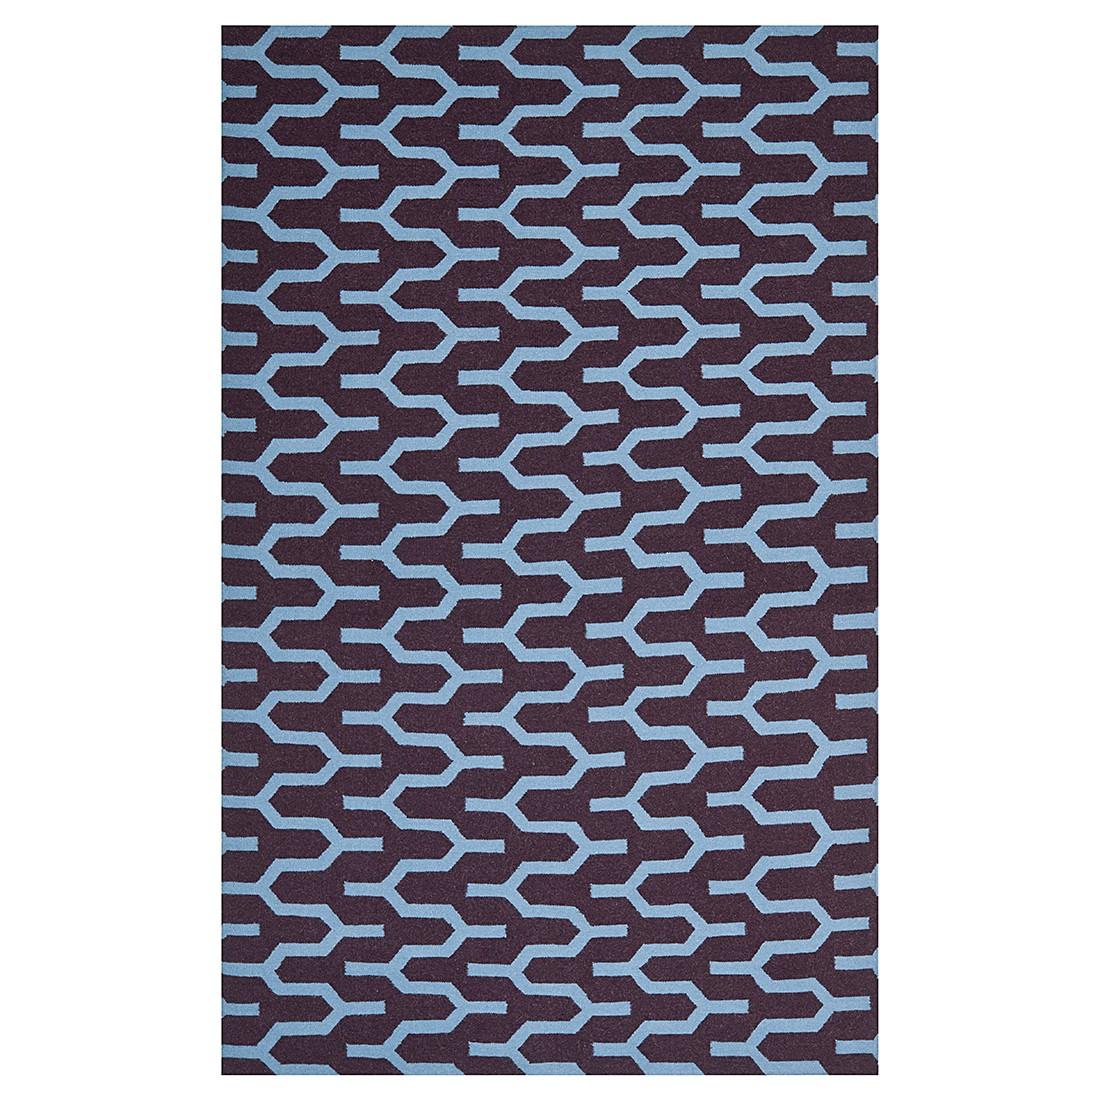 Teppich Karina – Lila/Blau – 183 x 275 cm, Safavieh bestellen